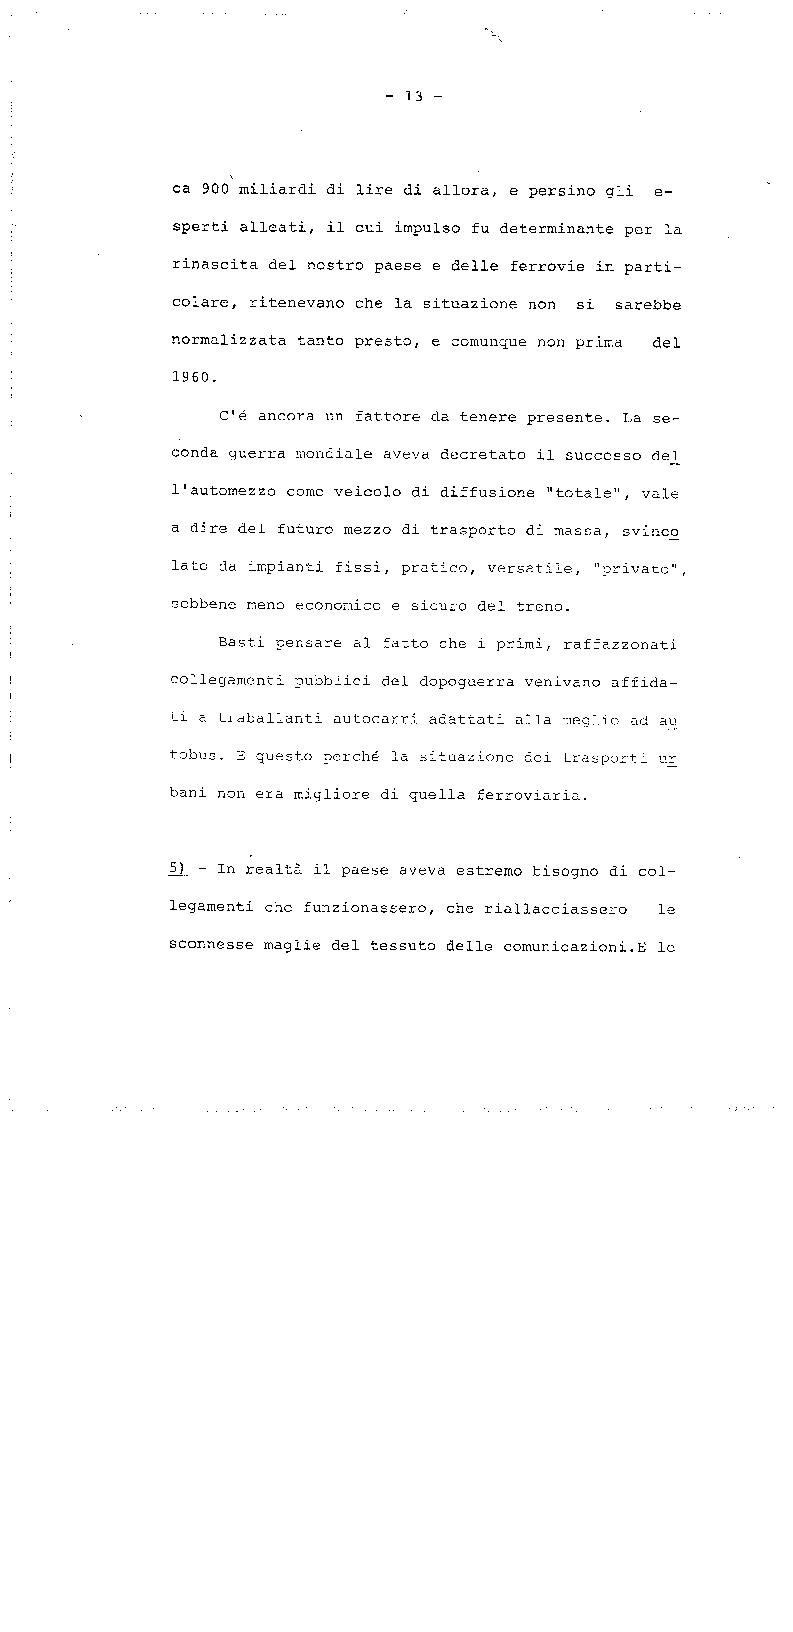 Anteprima della tesi: La trasformazione delle Ferrovie dello Stato - Legge 210/85, Pagina 13